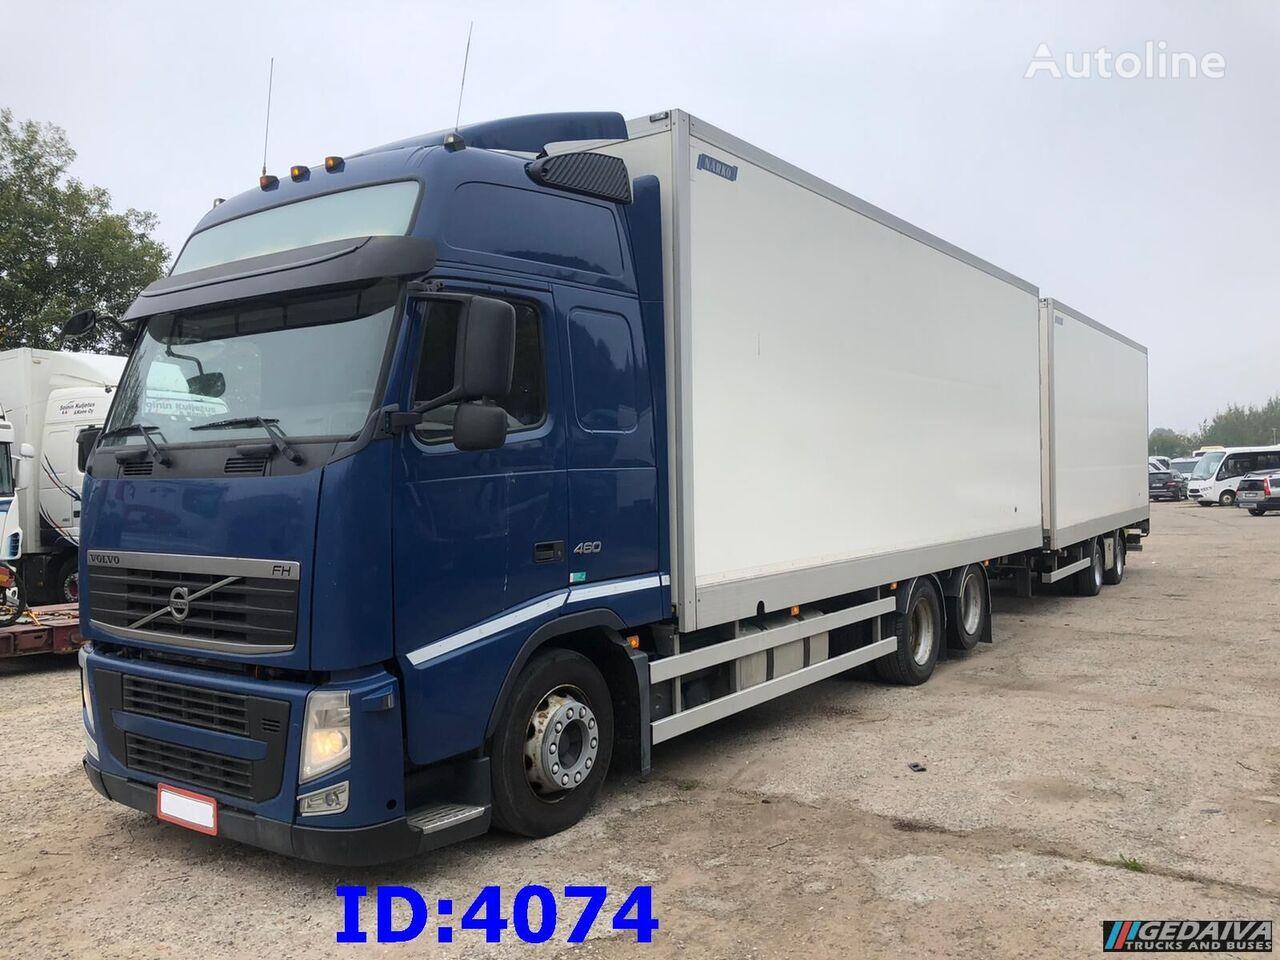 nákladní vozidlo izotermický VOLVO FH13 460 - 6x2 - Manual - Only 390 tkm + přívěs